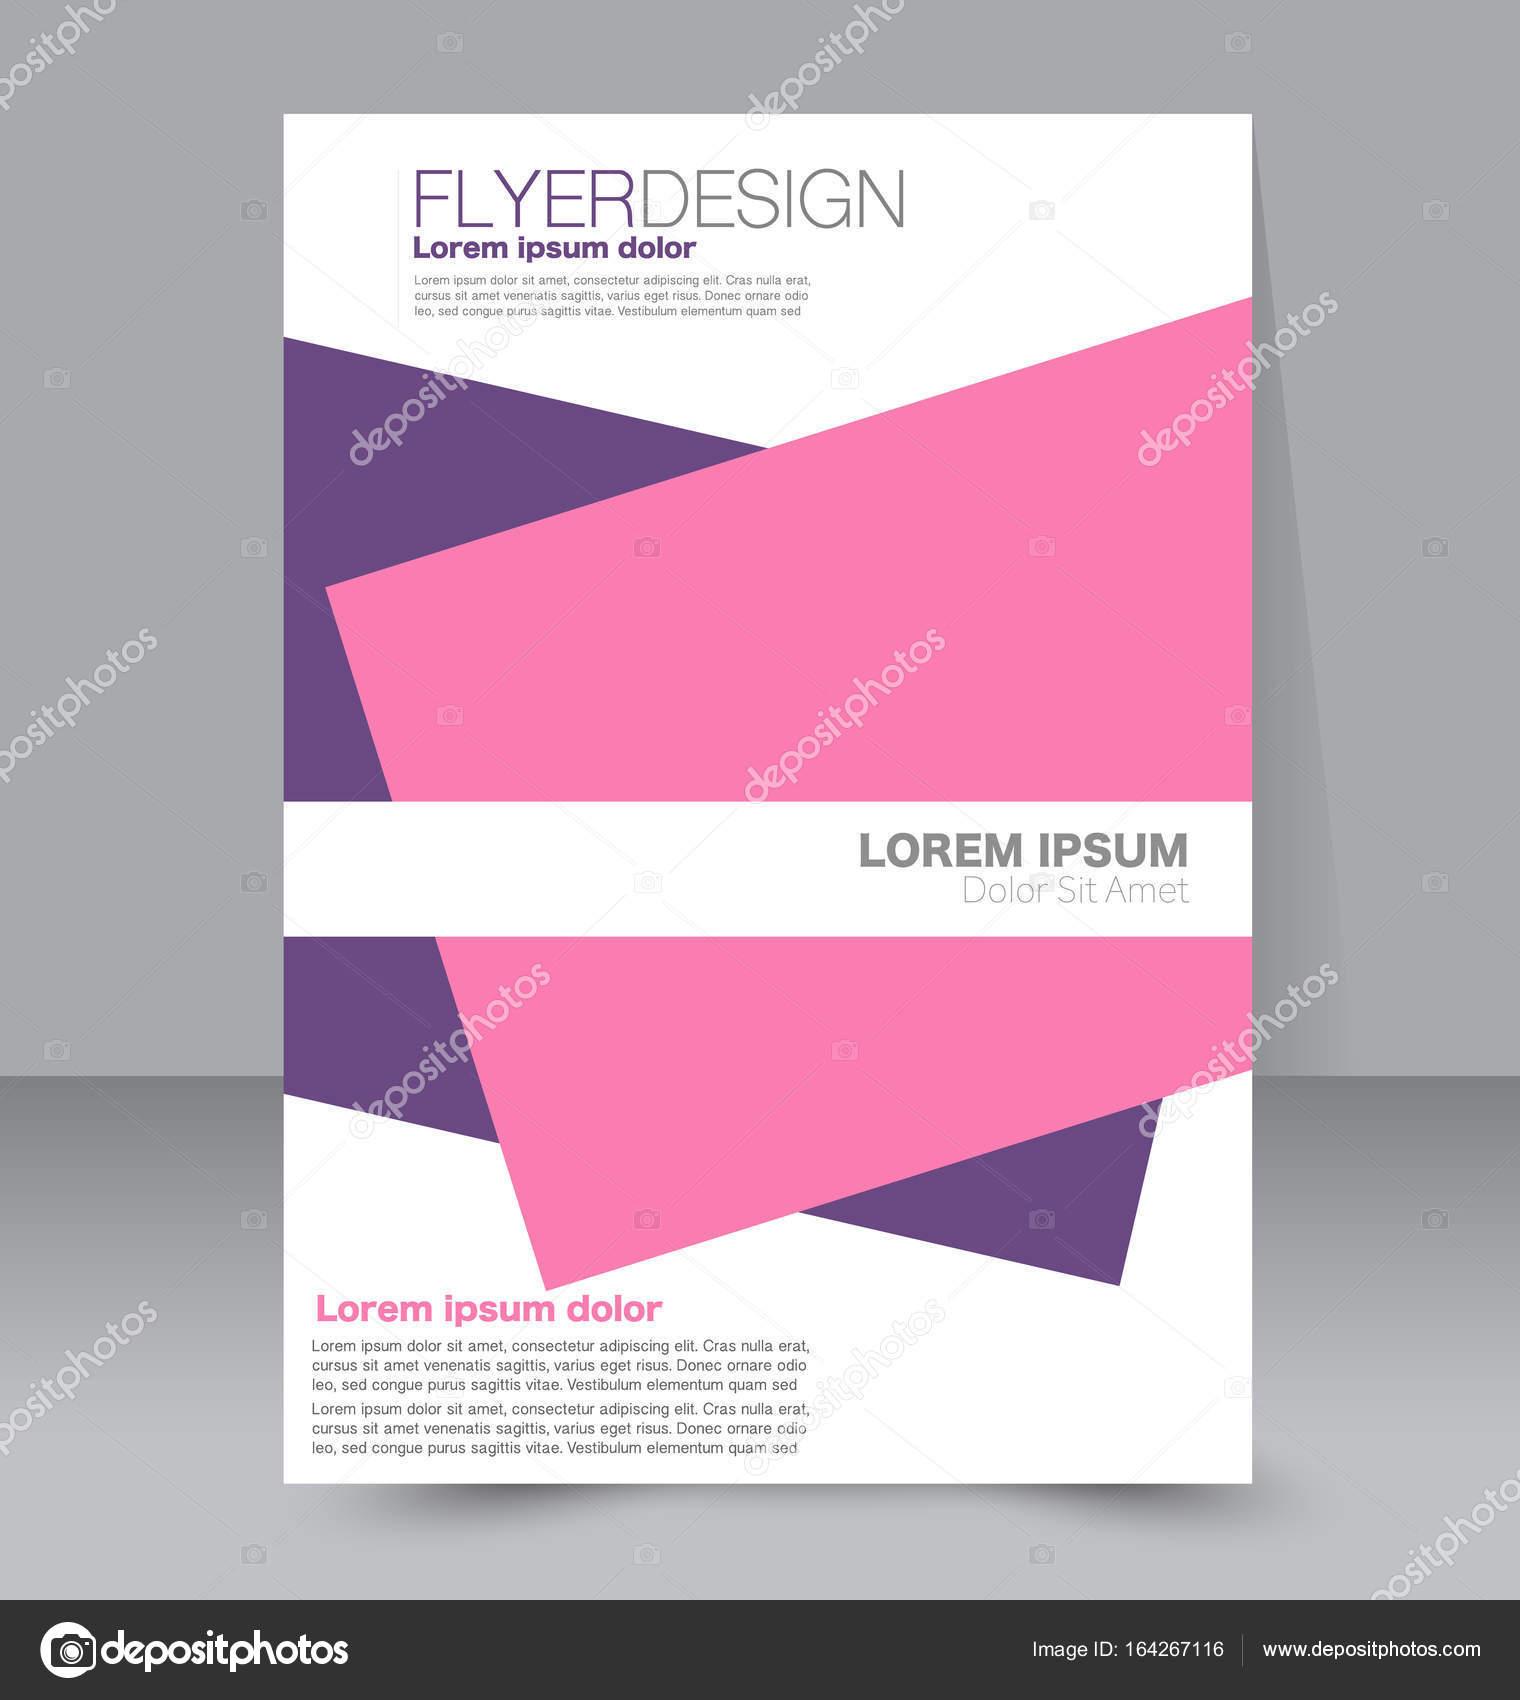 Fondo de diseño de Flyer. Plantilla folleto — Archivo Imágenes ...